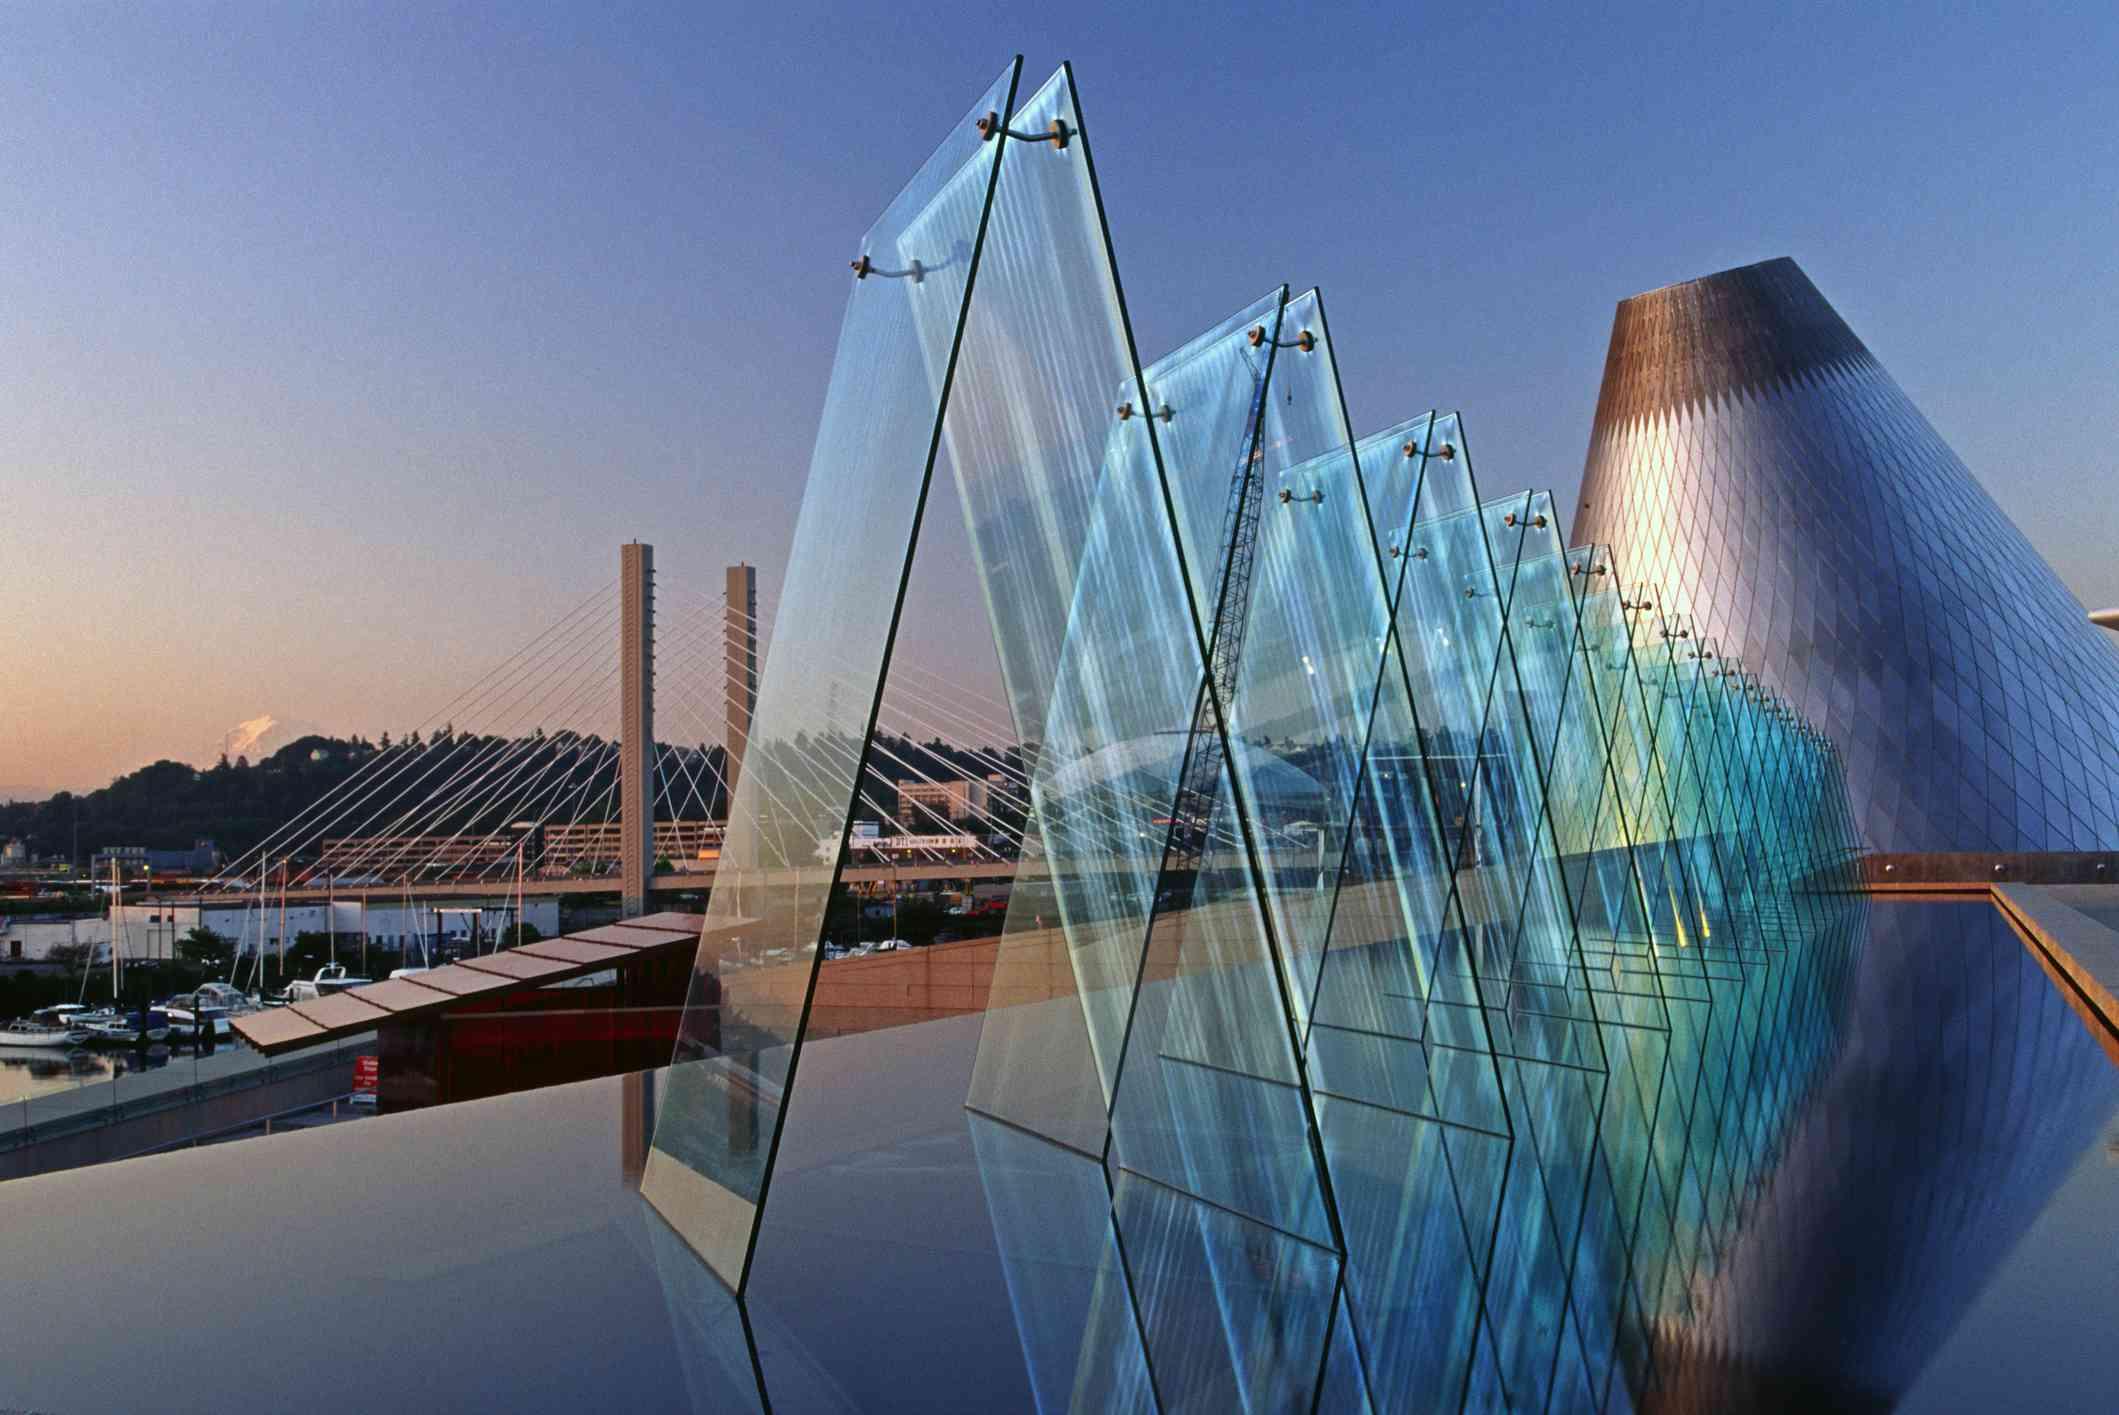 Museum of Glass at sunrise, Tacoma, Washington